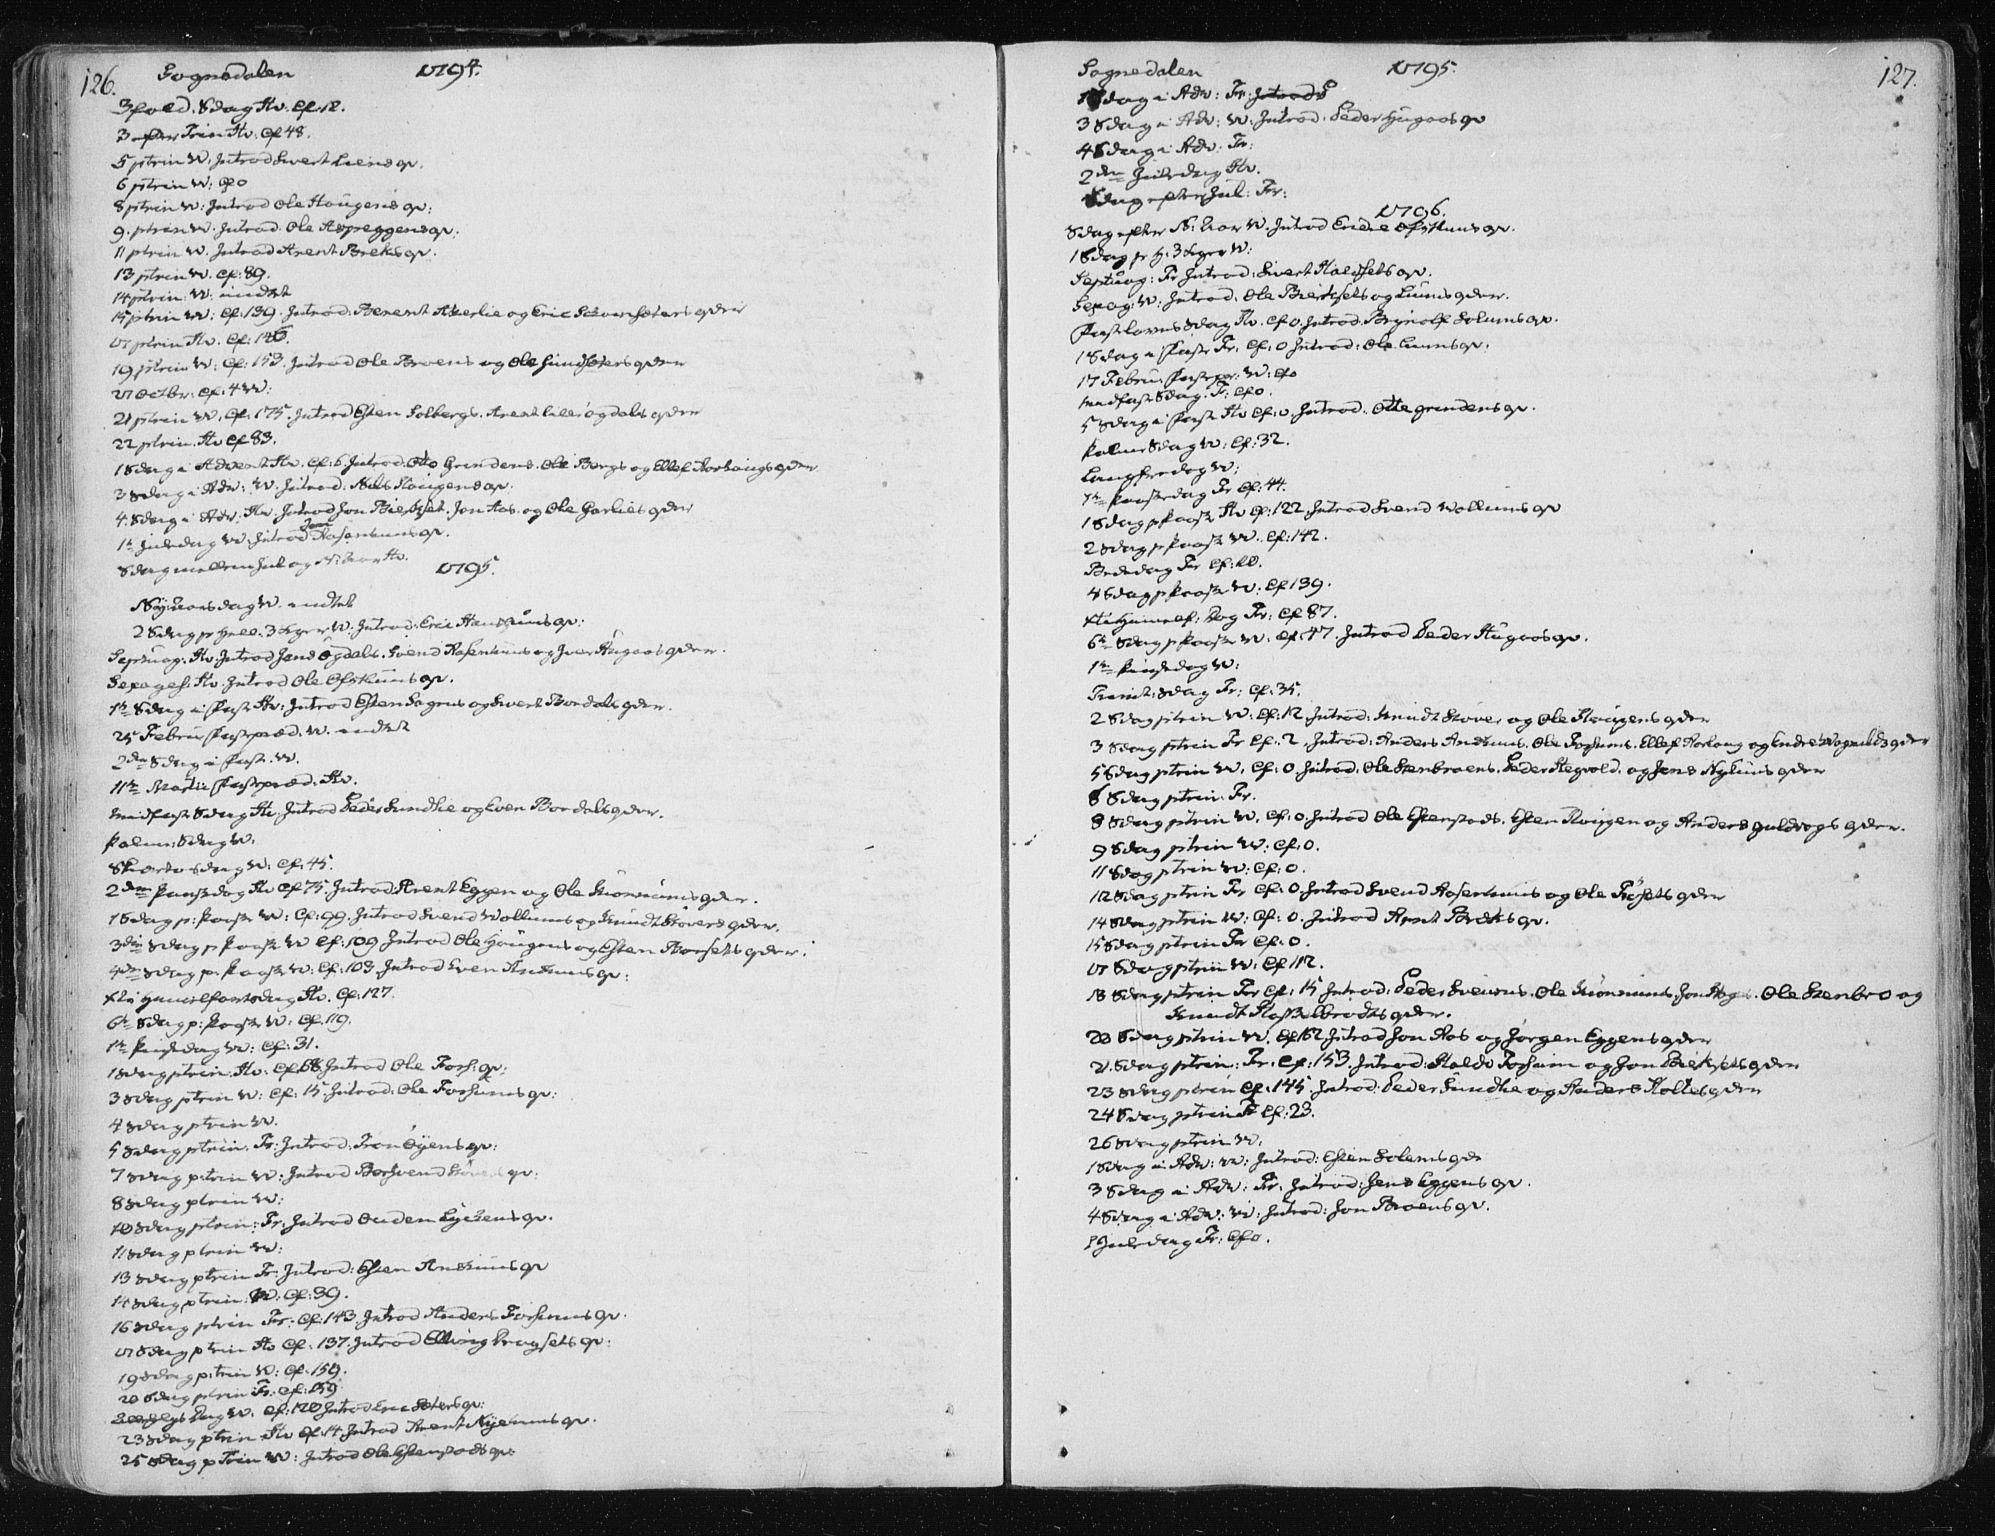 SAT, Ministerialprotokoller, klokkerbøker og fødselsregistre - Sør-Trøndelag, 687/L0994: Ministerialbok nr. 687A03 /3, 1788-1815, s. 126-127